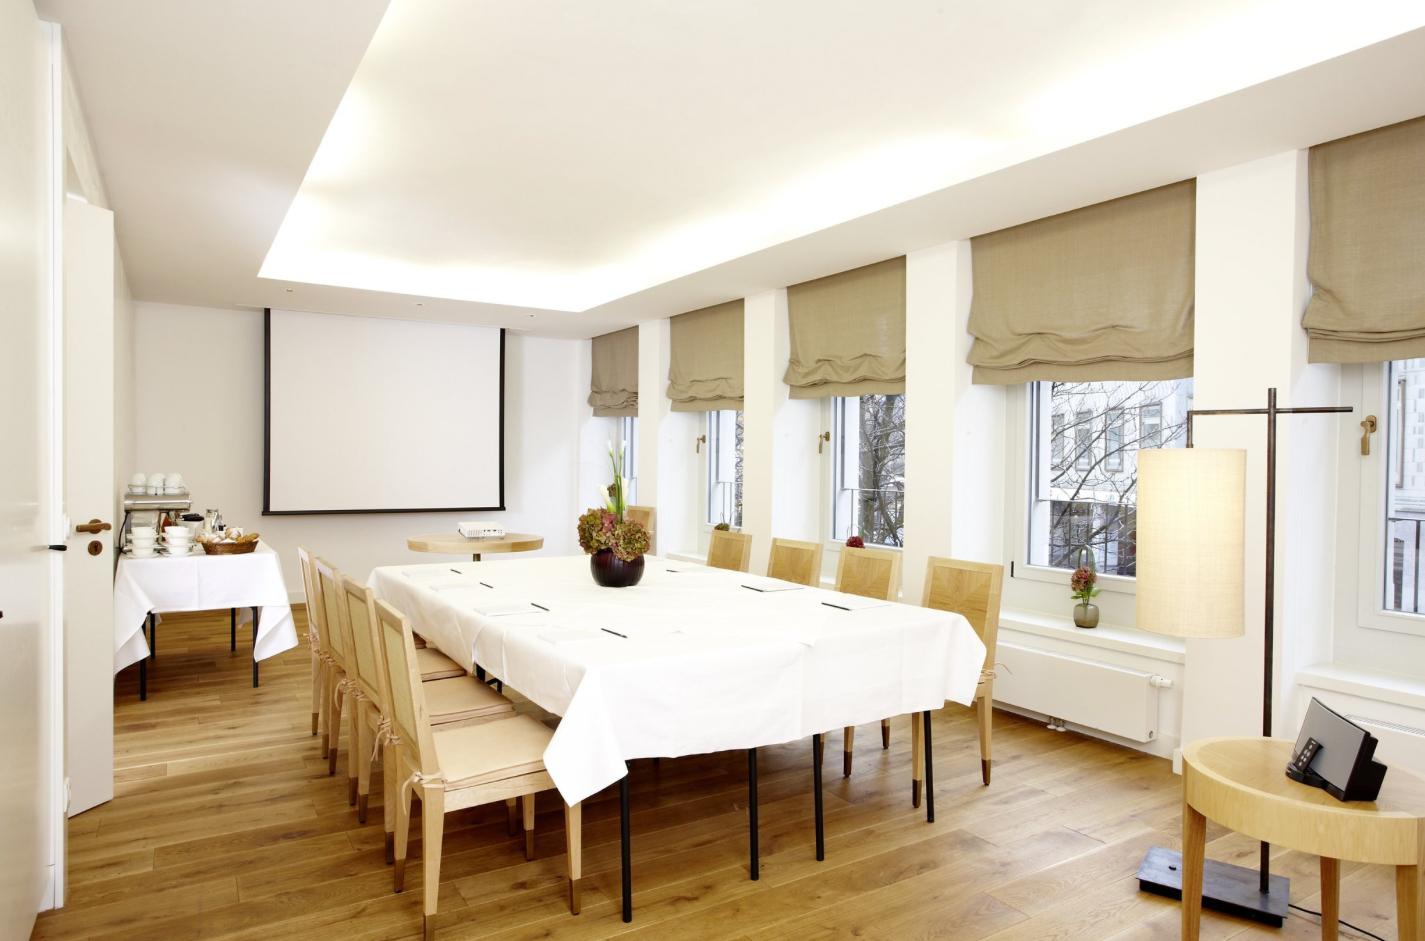 Kosmetikschule Schäfer - Microblading Schulung - München - Hotel Louis 01 - Schulunsgraum Microblading Ausbildung München - Kosmetikschule Schäfer